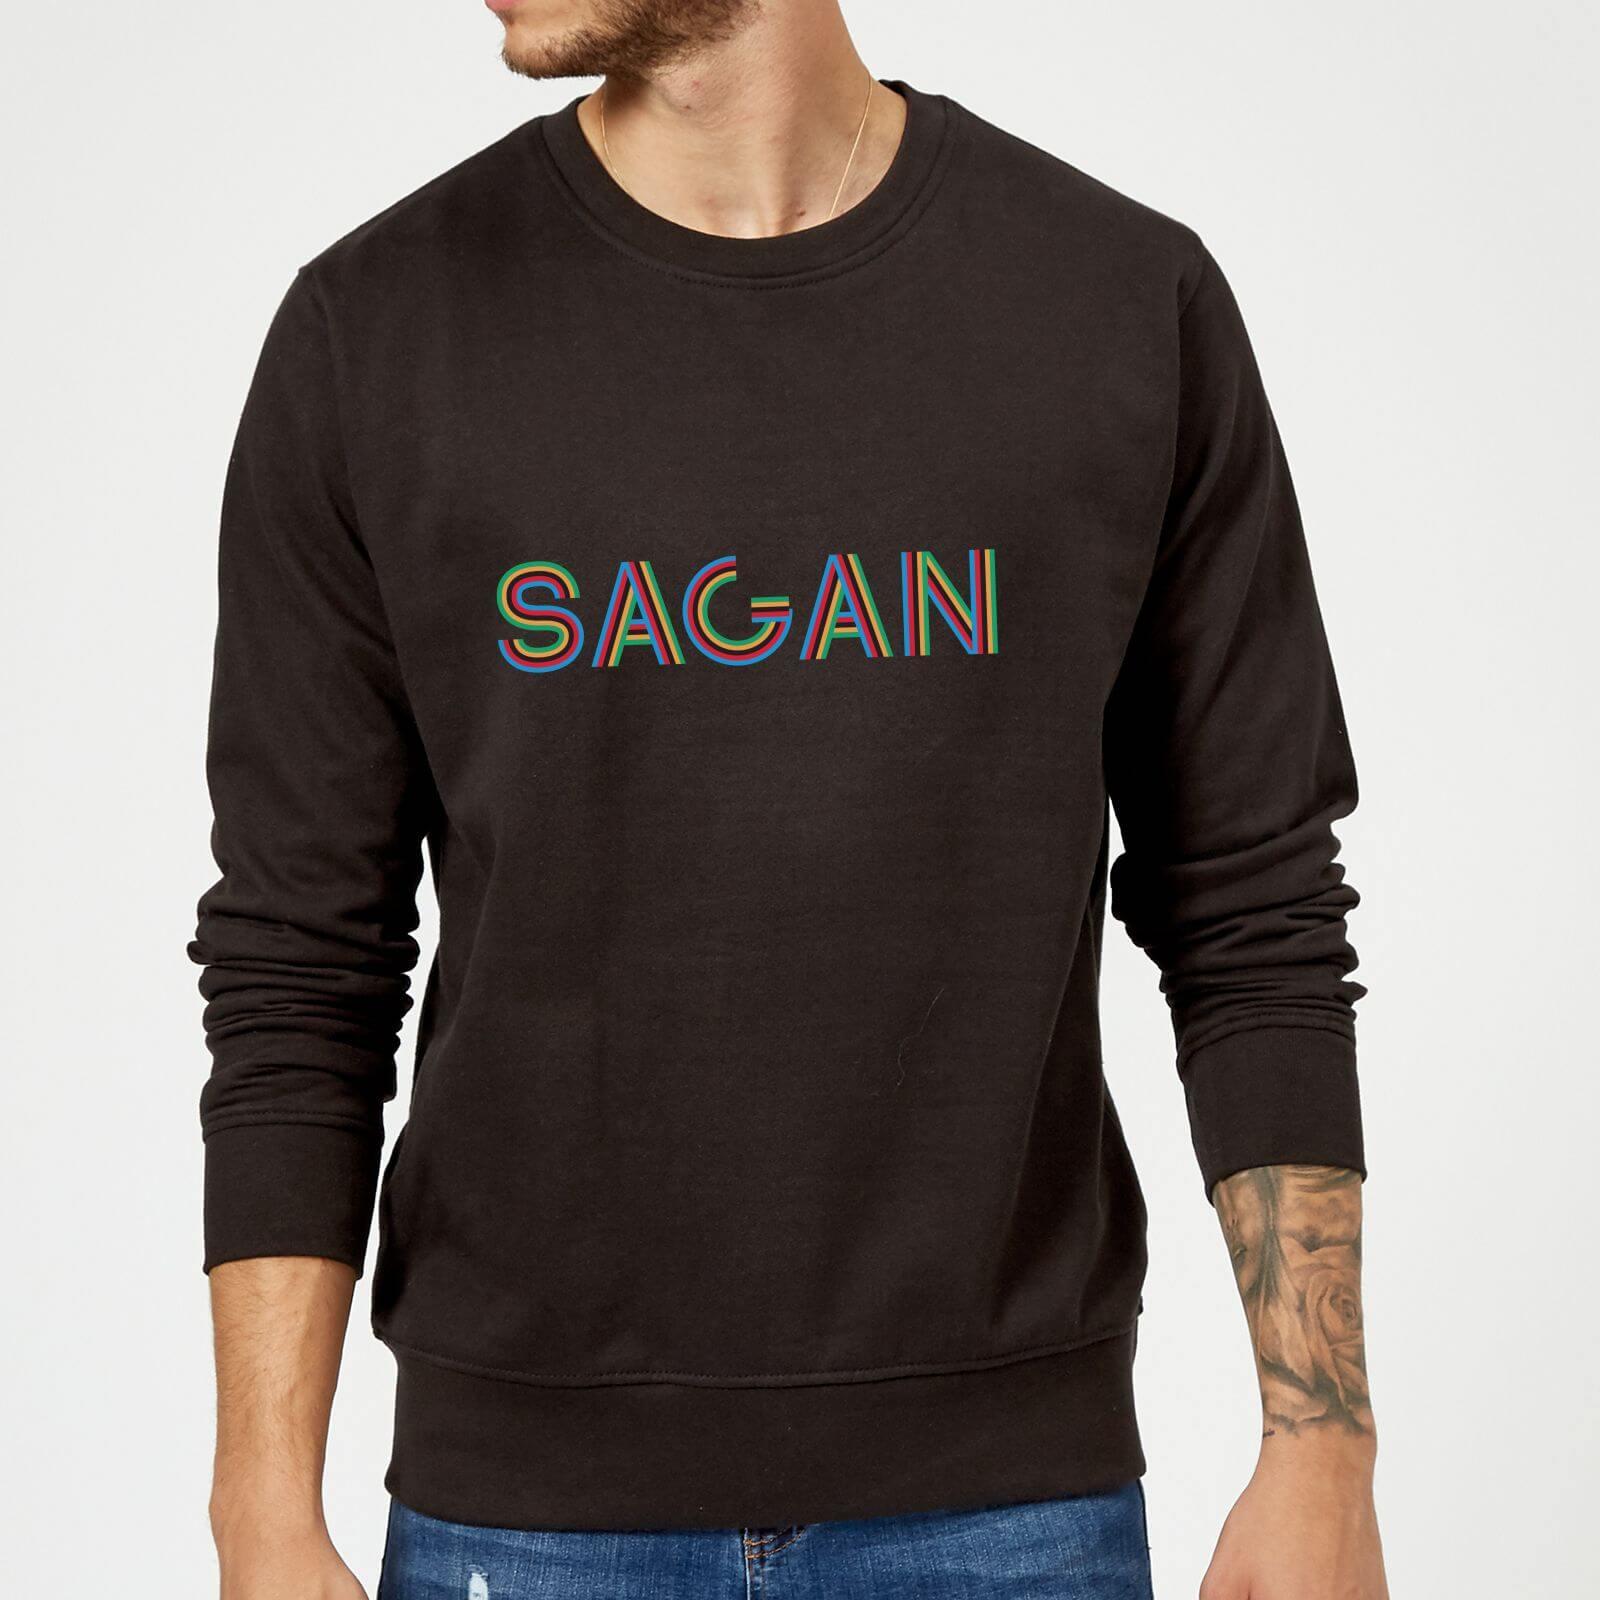 Summit Finish Sagan - Rider Name Sweatshirt - Black - XXL - Black